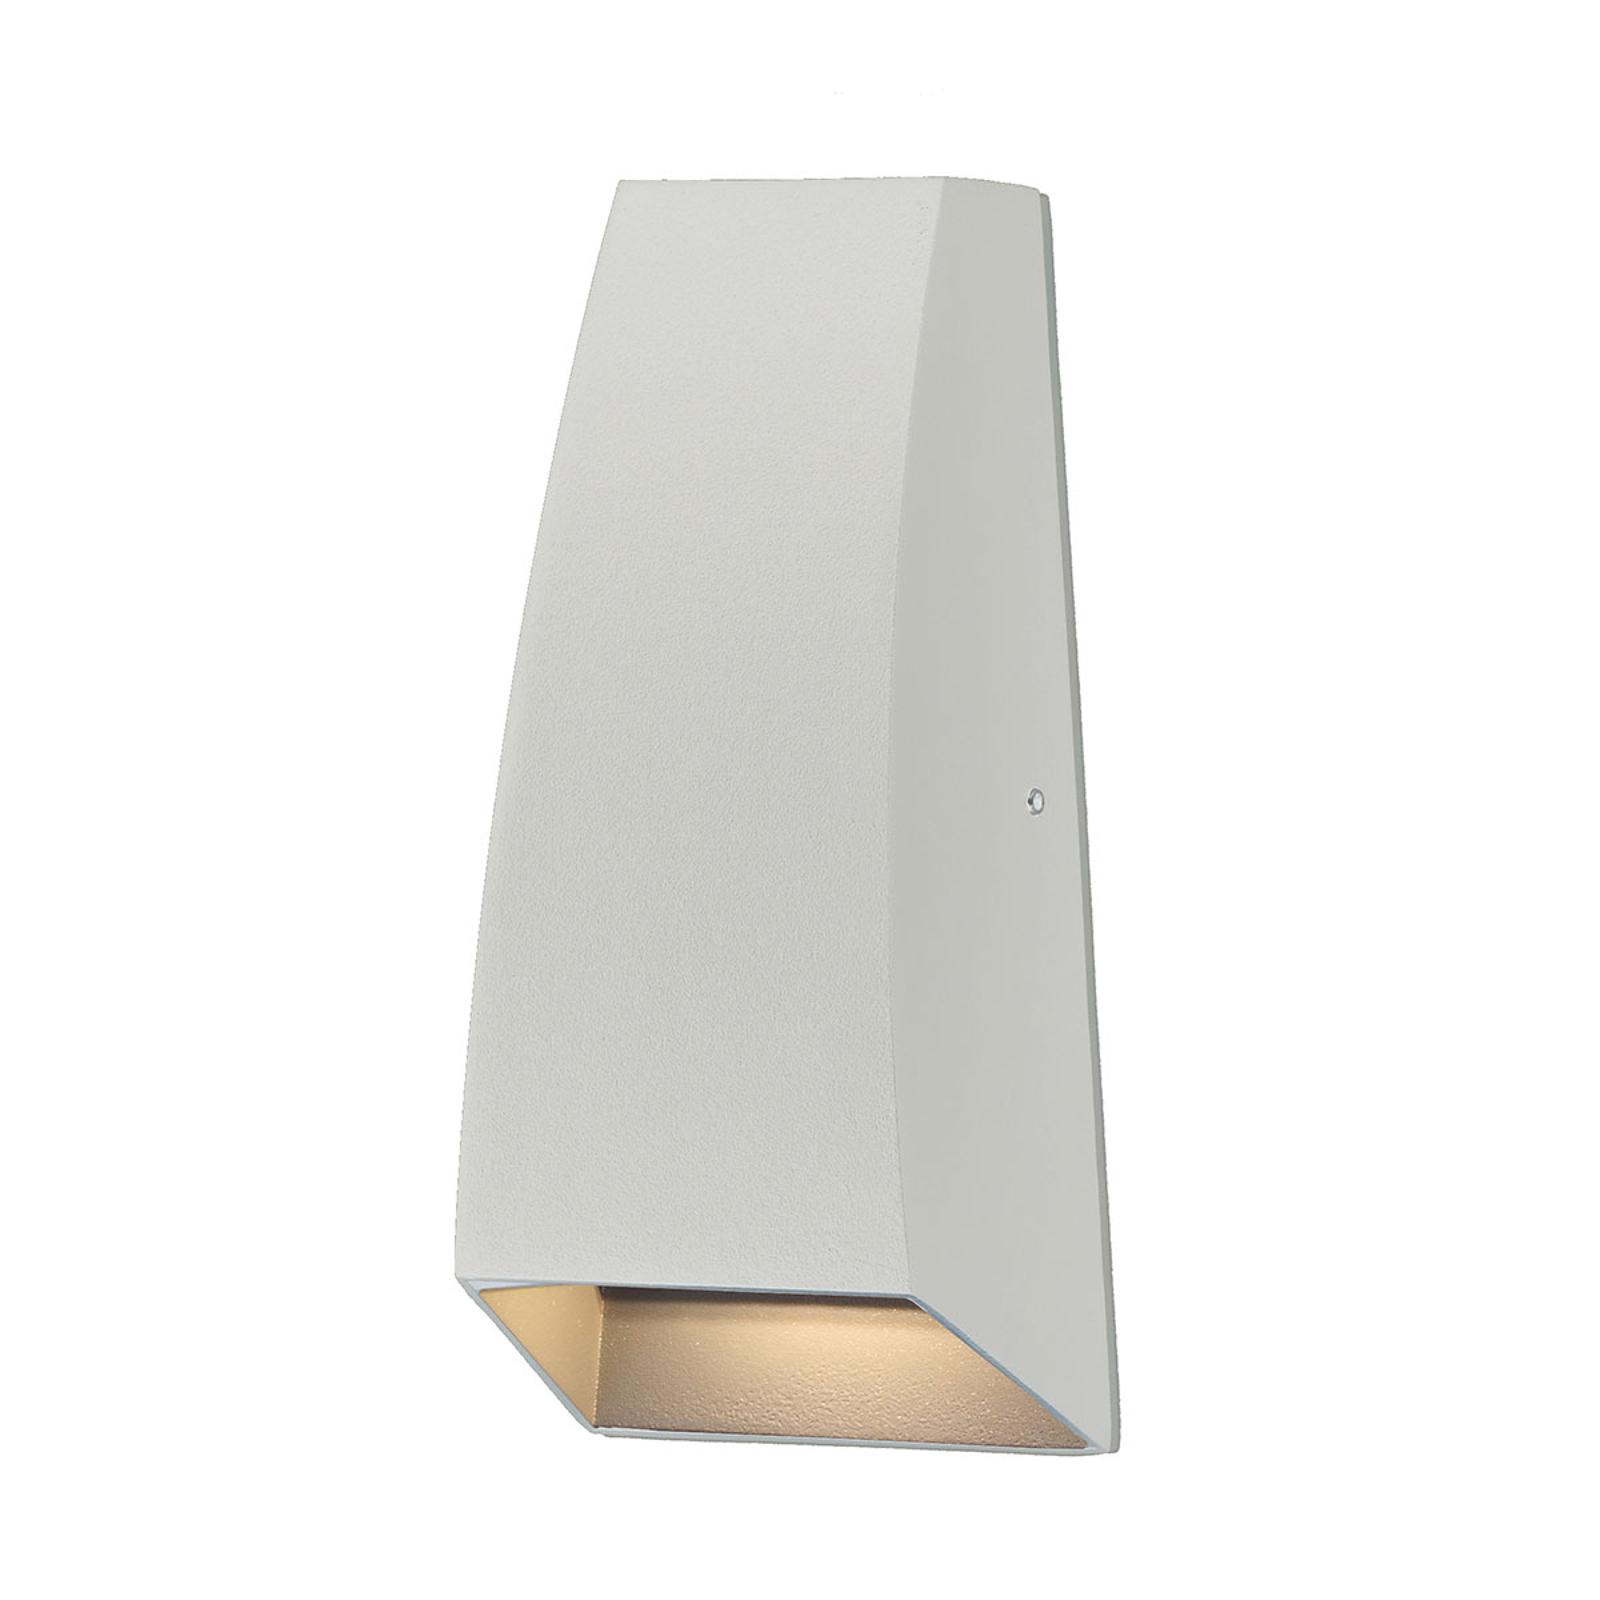 LED buitenwandlamp Jackson, wit